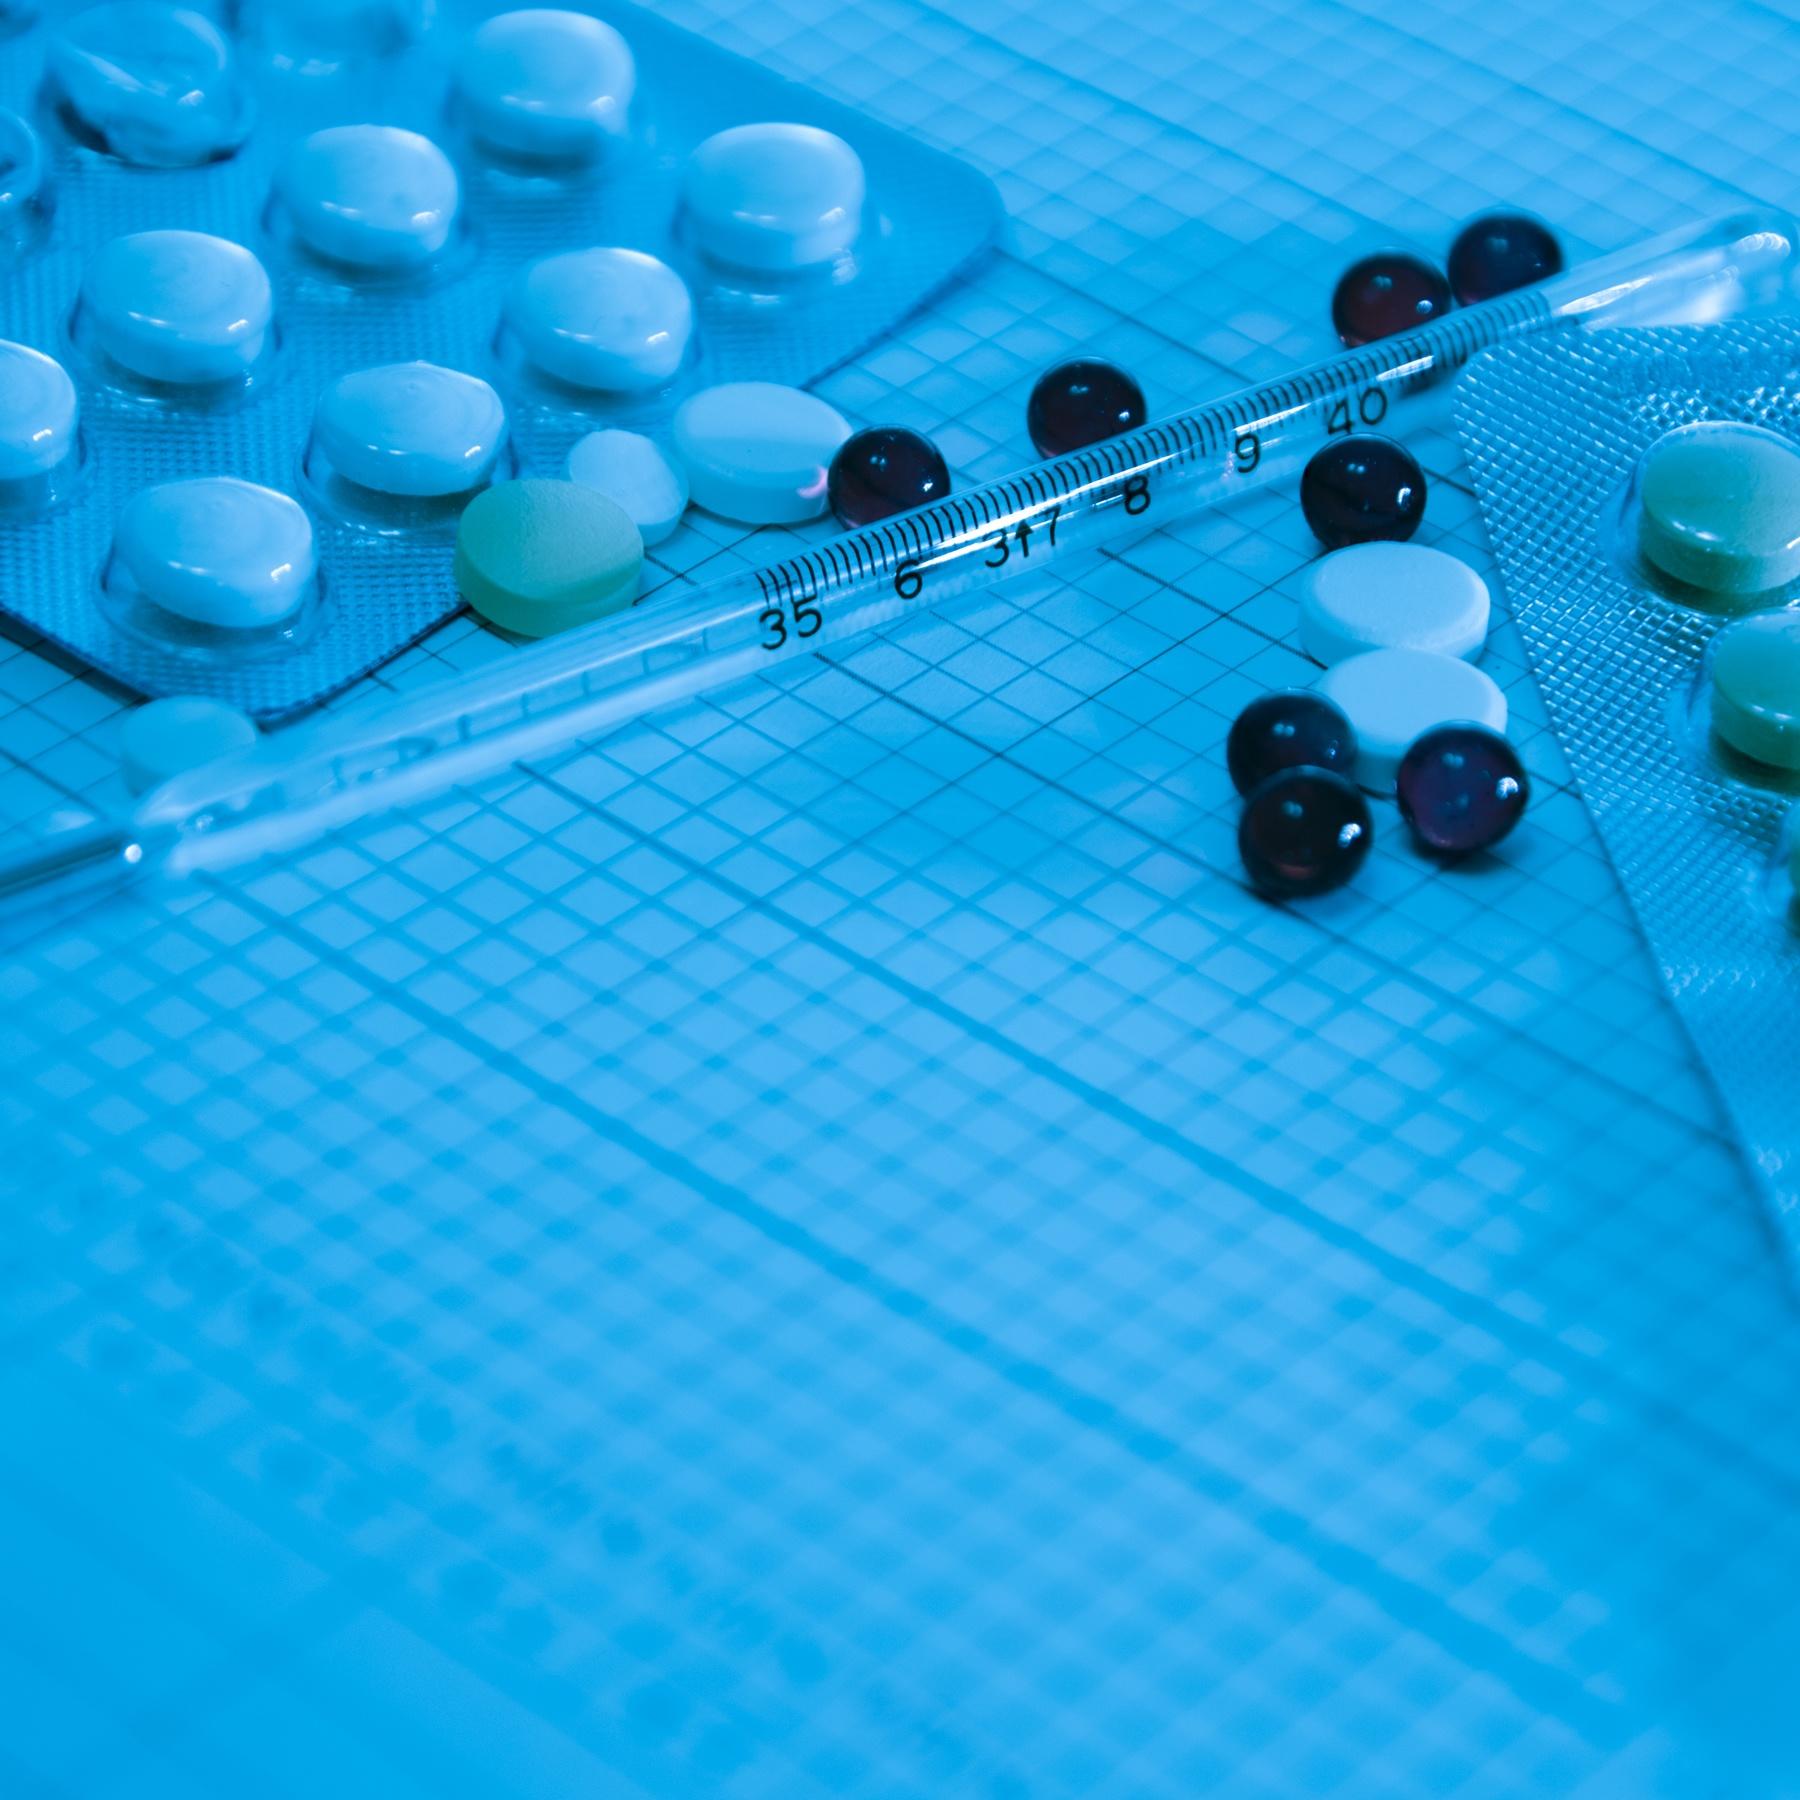 Pharmaceutical drug abuse liability assessment